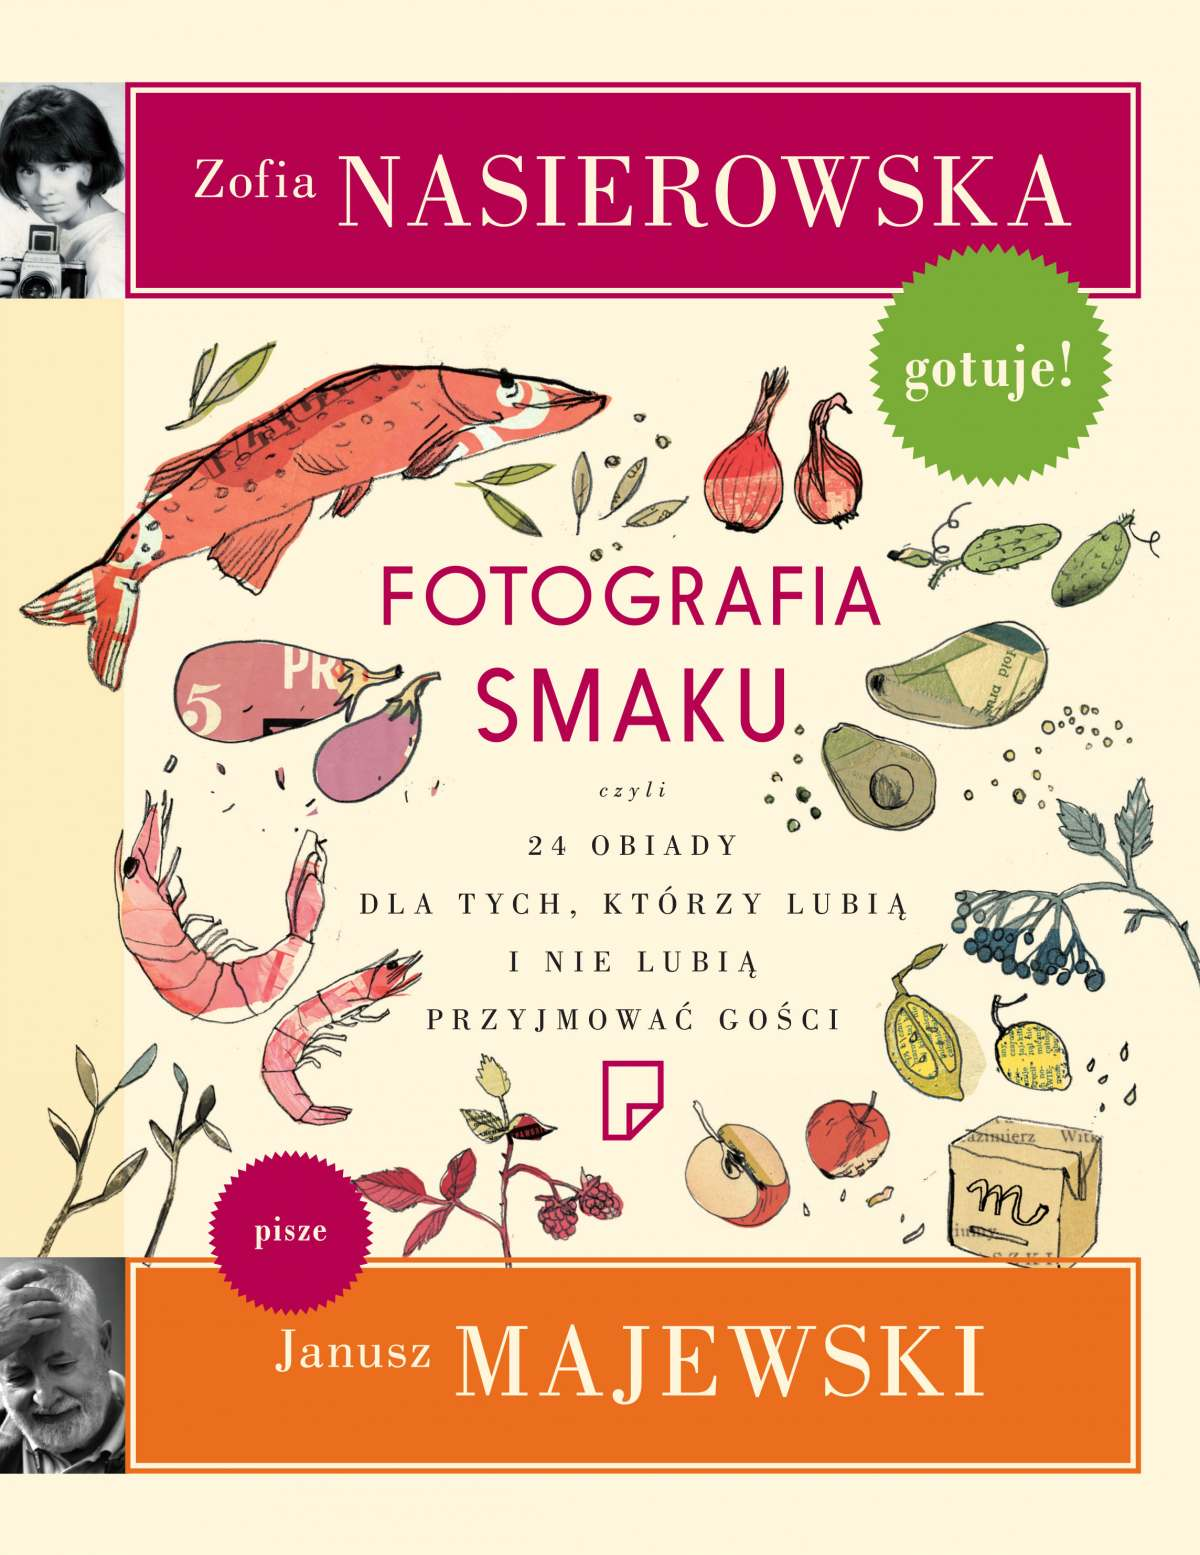 Fotografia smaku - Tylko w Legimi możesz przeczytać ten tytuł przez 7 dni za darmo. - Zofia Nasierowska